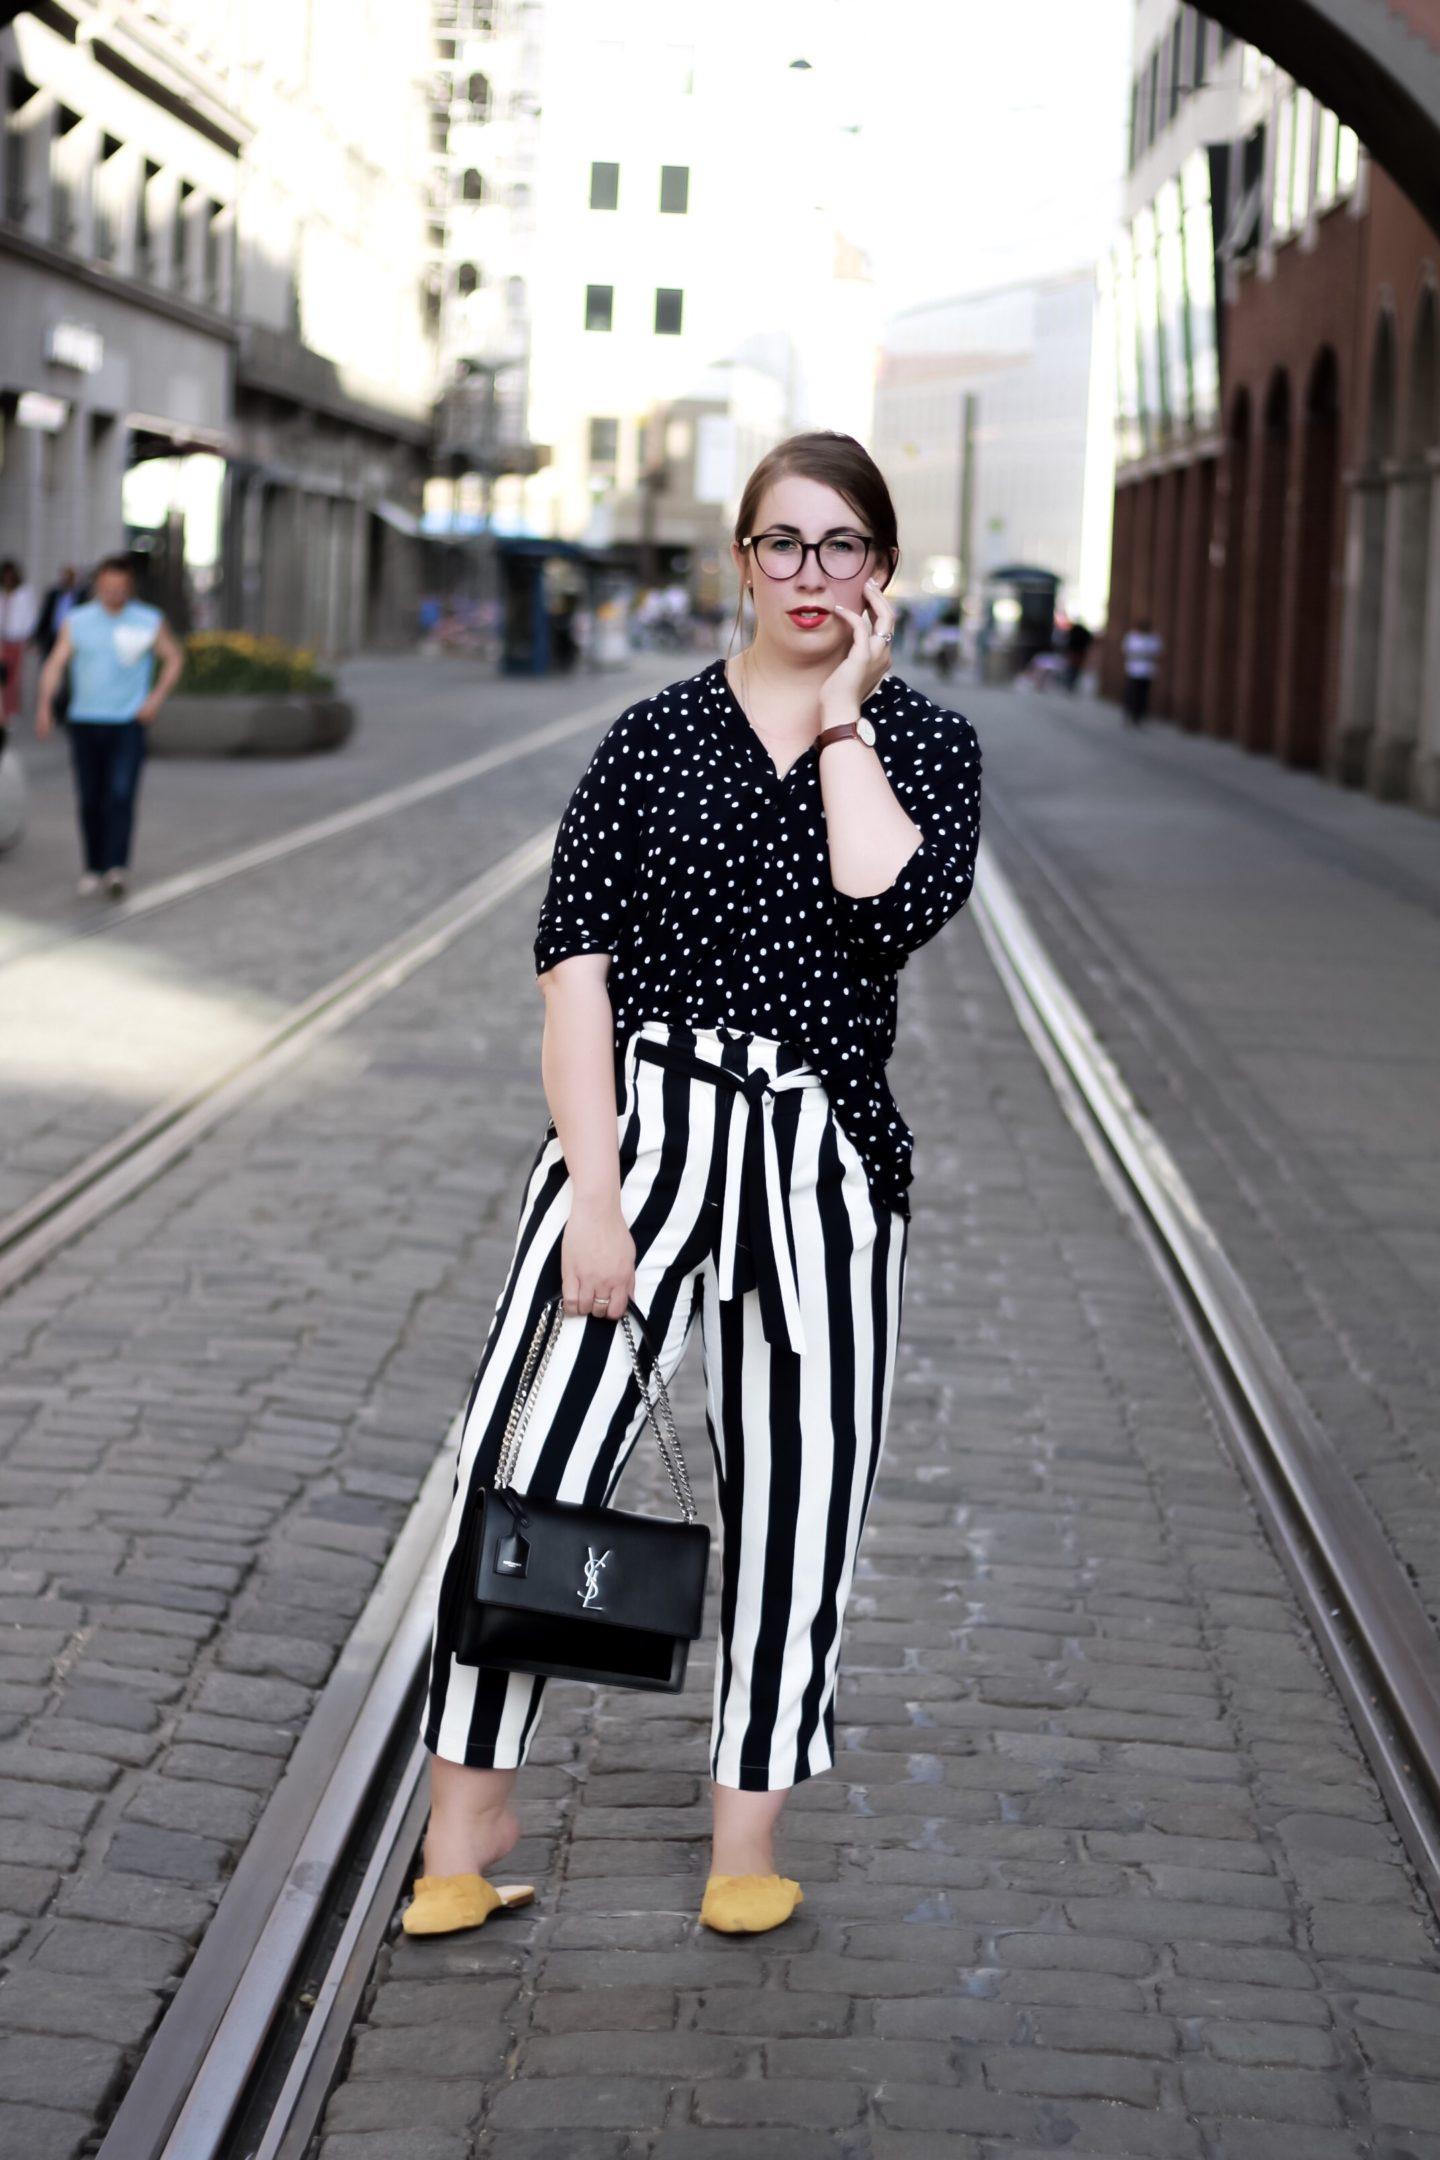 Outfit-Mustermix-Polka-Dots-Streifen-YSL-Saint-Laurent-Sunset-Miss-Suzie-Loves-Susanne-Heidebach-München-Lodenfrey-Fashionblogger-Bayerischer-Hof-München